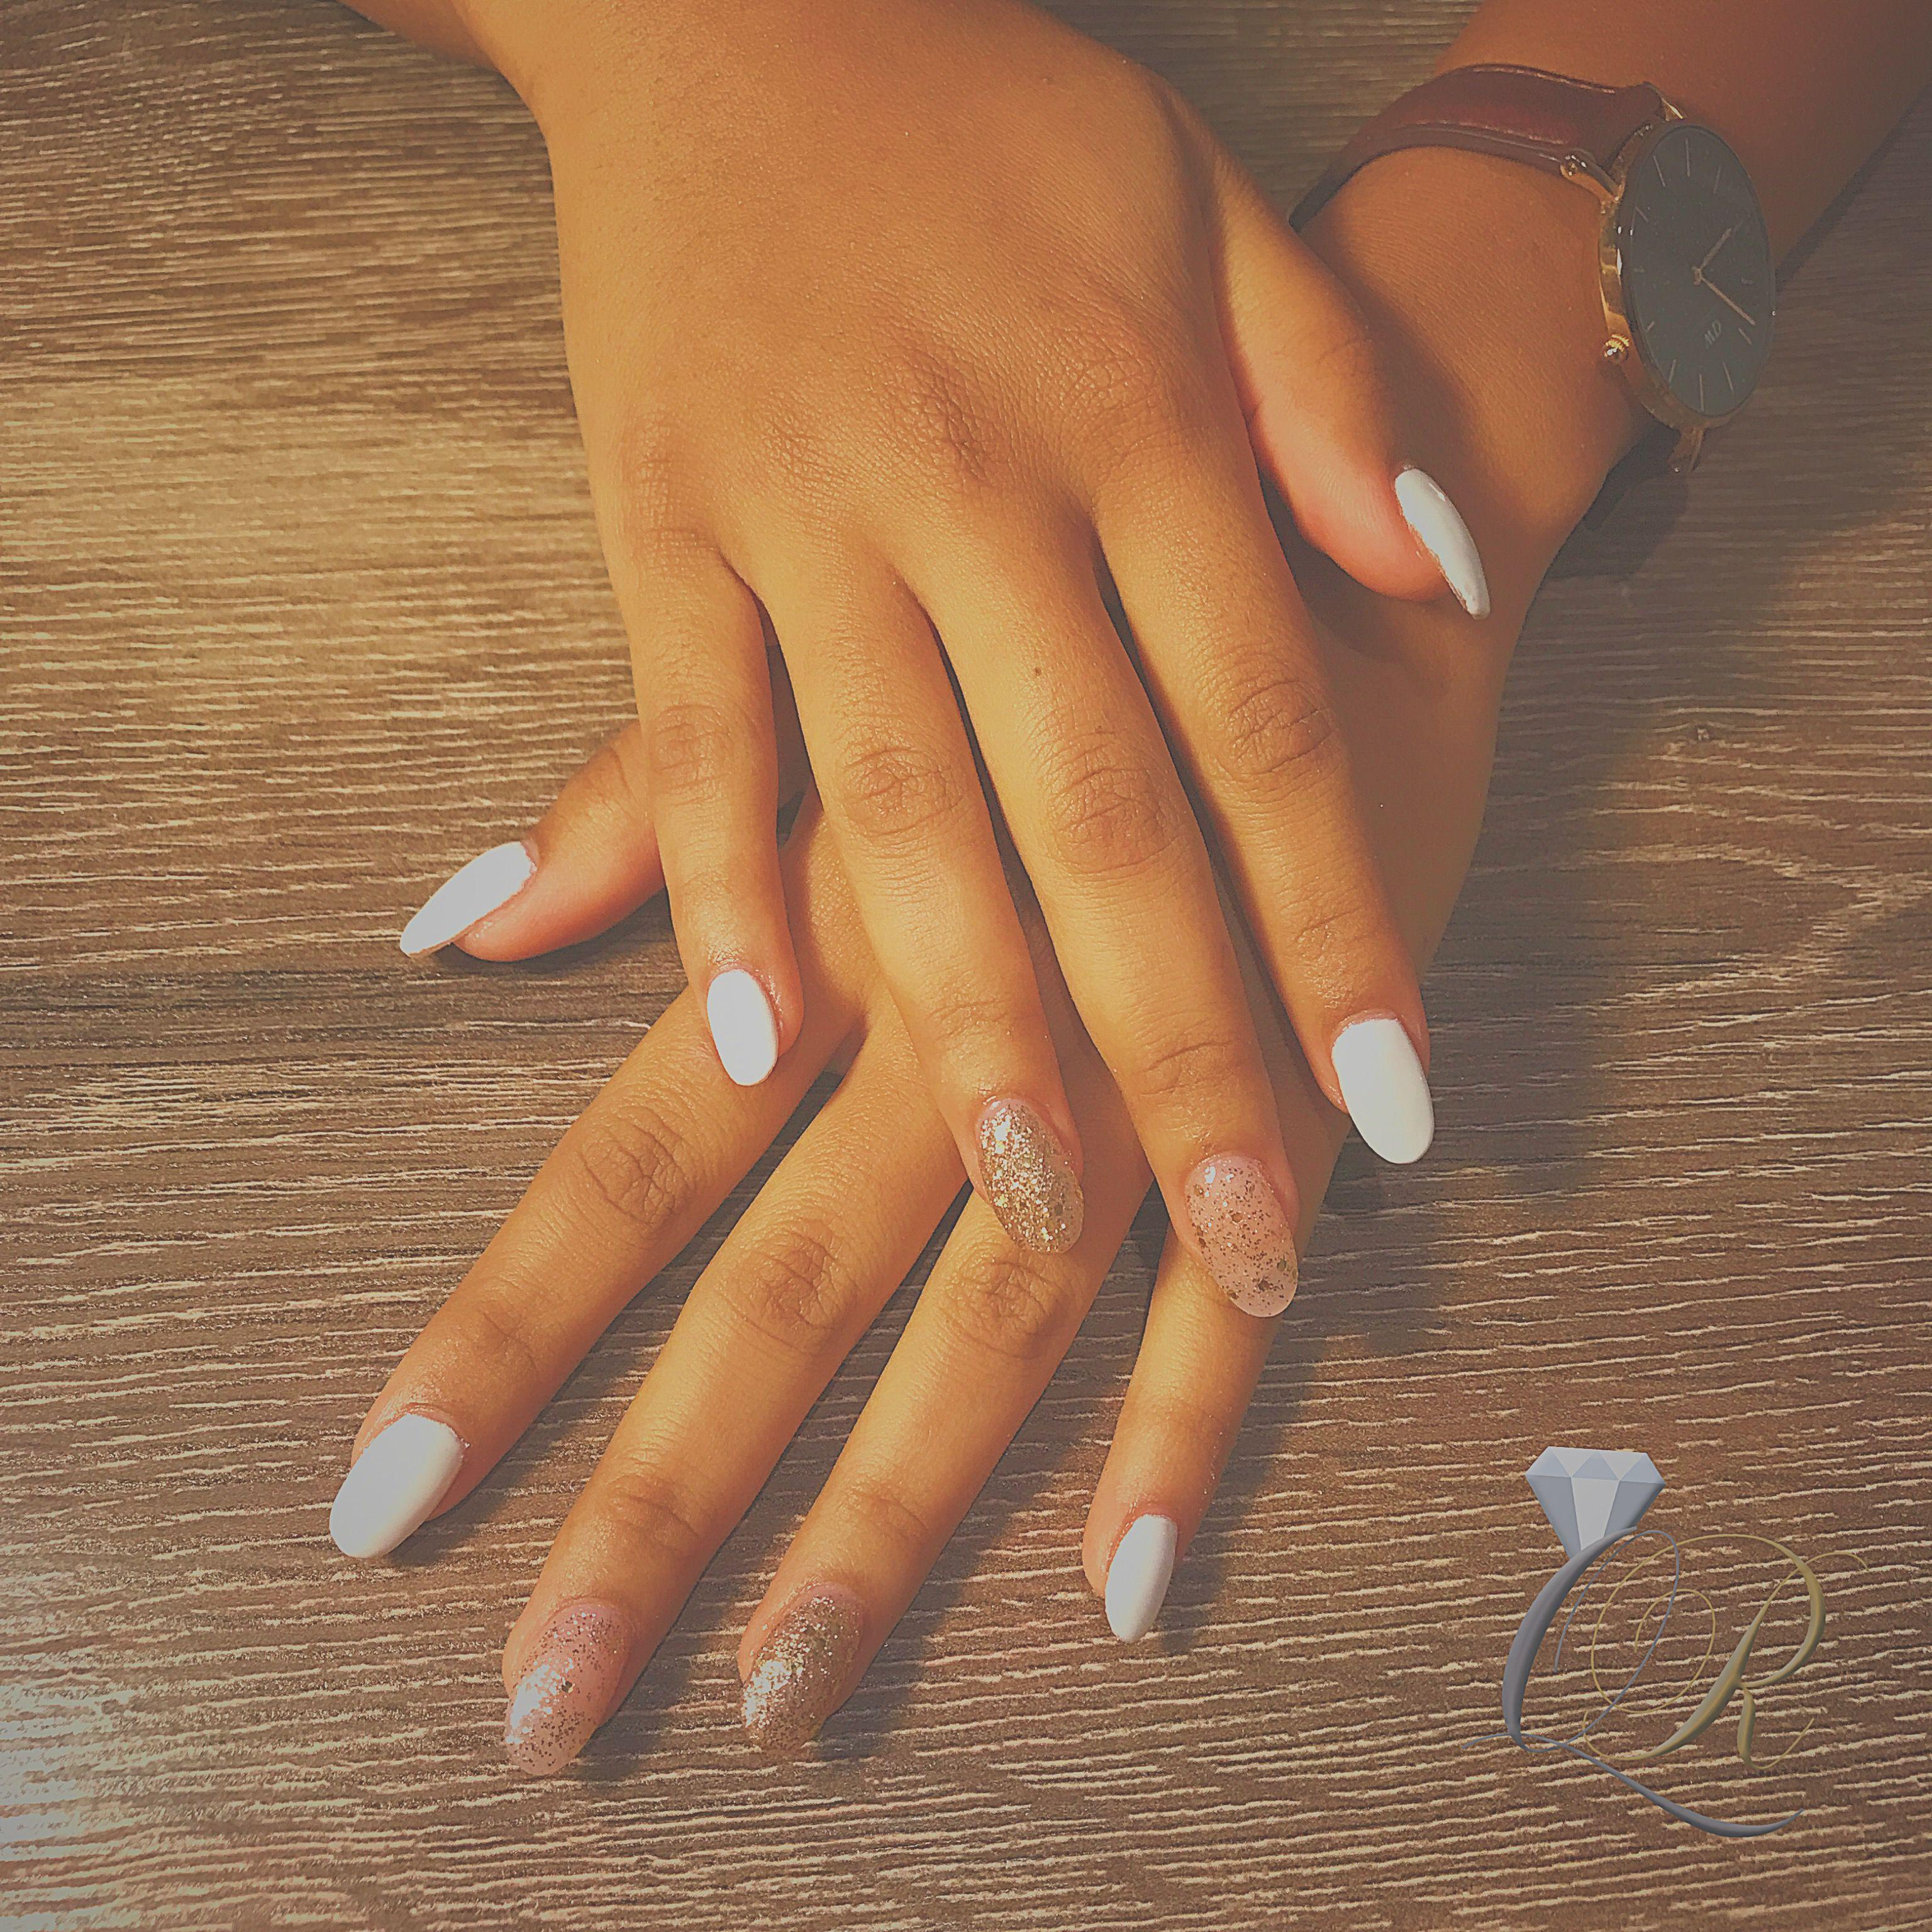 Sns qroyalty brisbane nails nail art q royalty nails sns qroyalty brisbane nails nail art prinsesfo Images